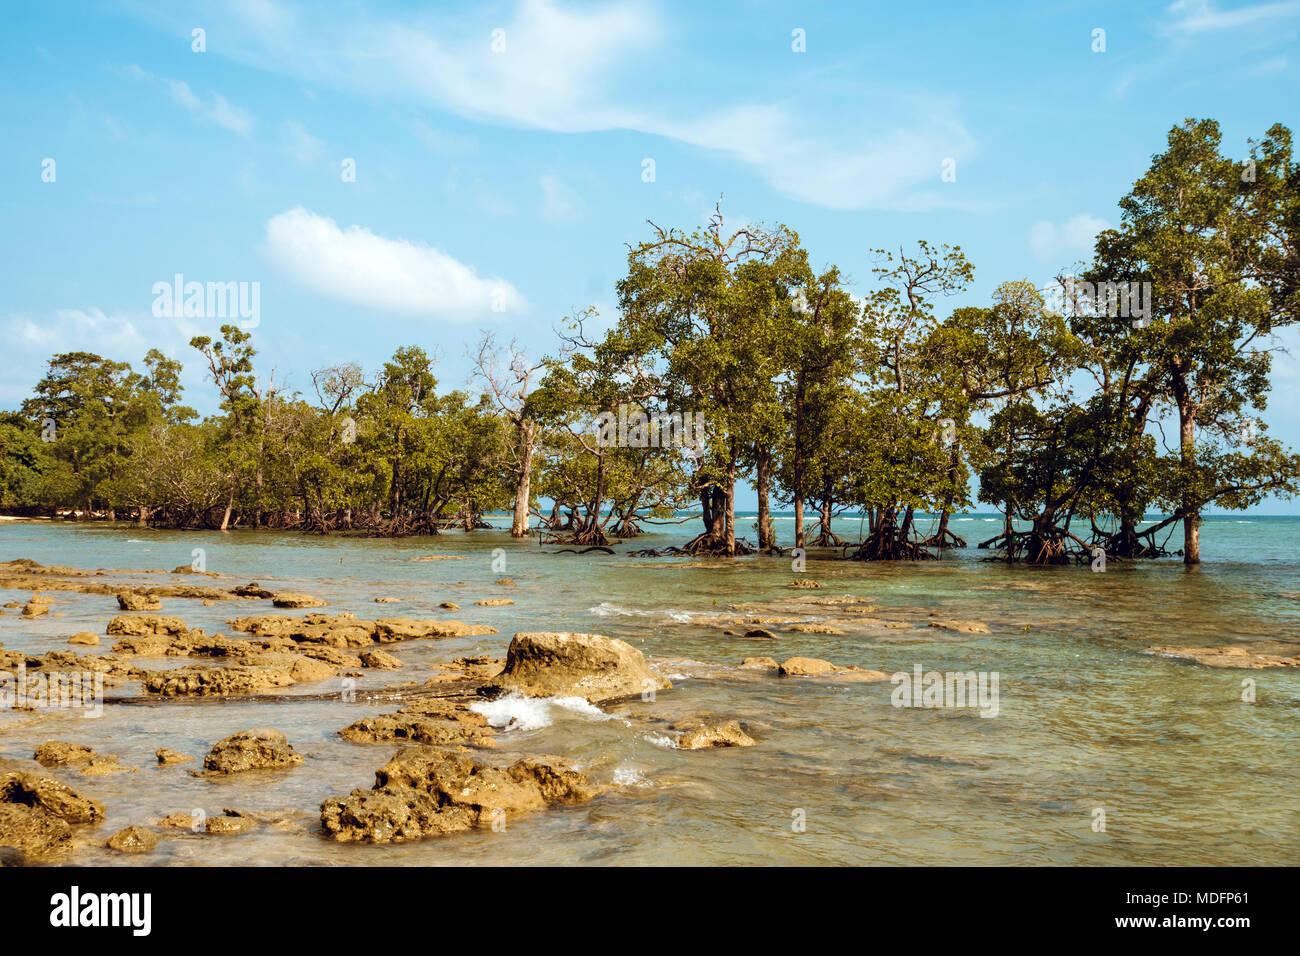 Altos árboles de mangle Rhizophora sp. se elevan de las aguas poco profundas del archipiélago de Mergui en Myanmar. Este conjunto de islas tiene amplia mangrov Foto de stock